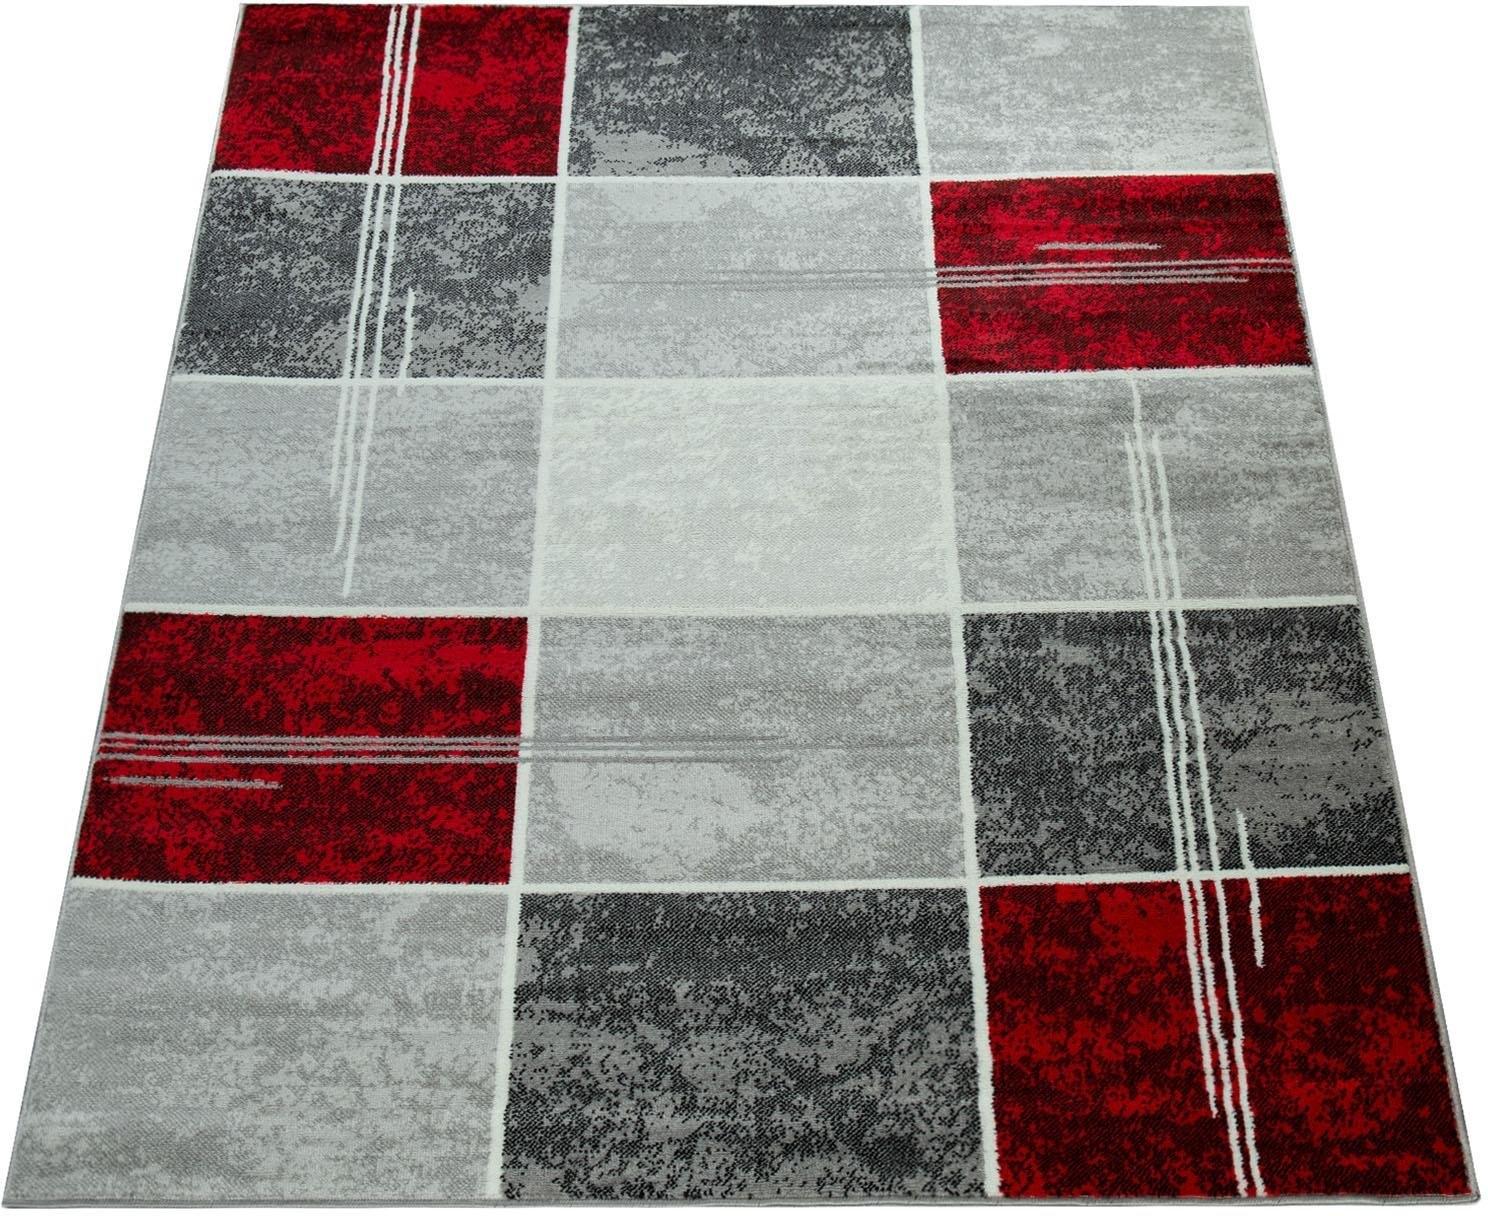 Paco Home Vloerkleed, »Sinai 057«, rechthoekig, hoogte 13 mm goedkoop op otto.nl kopen